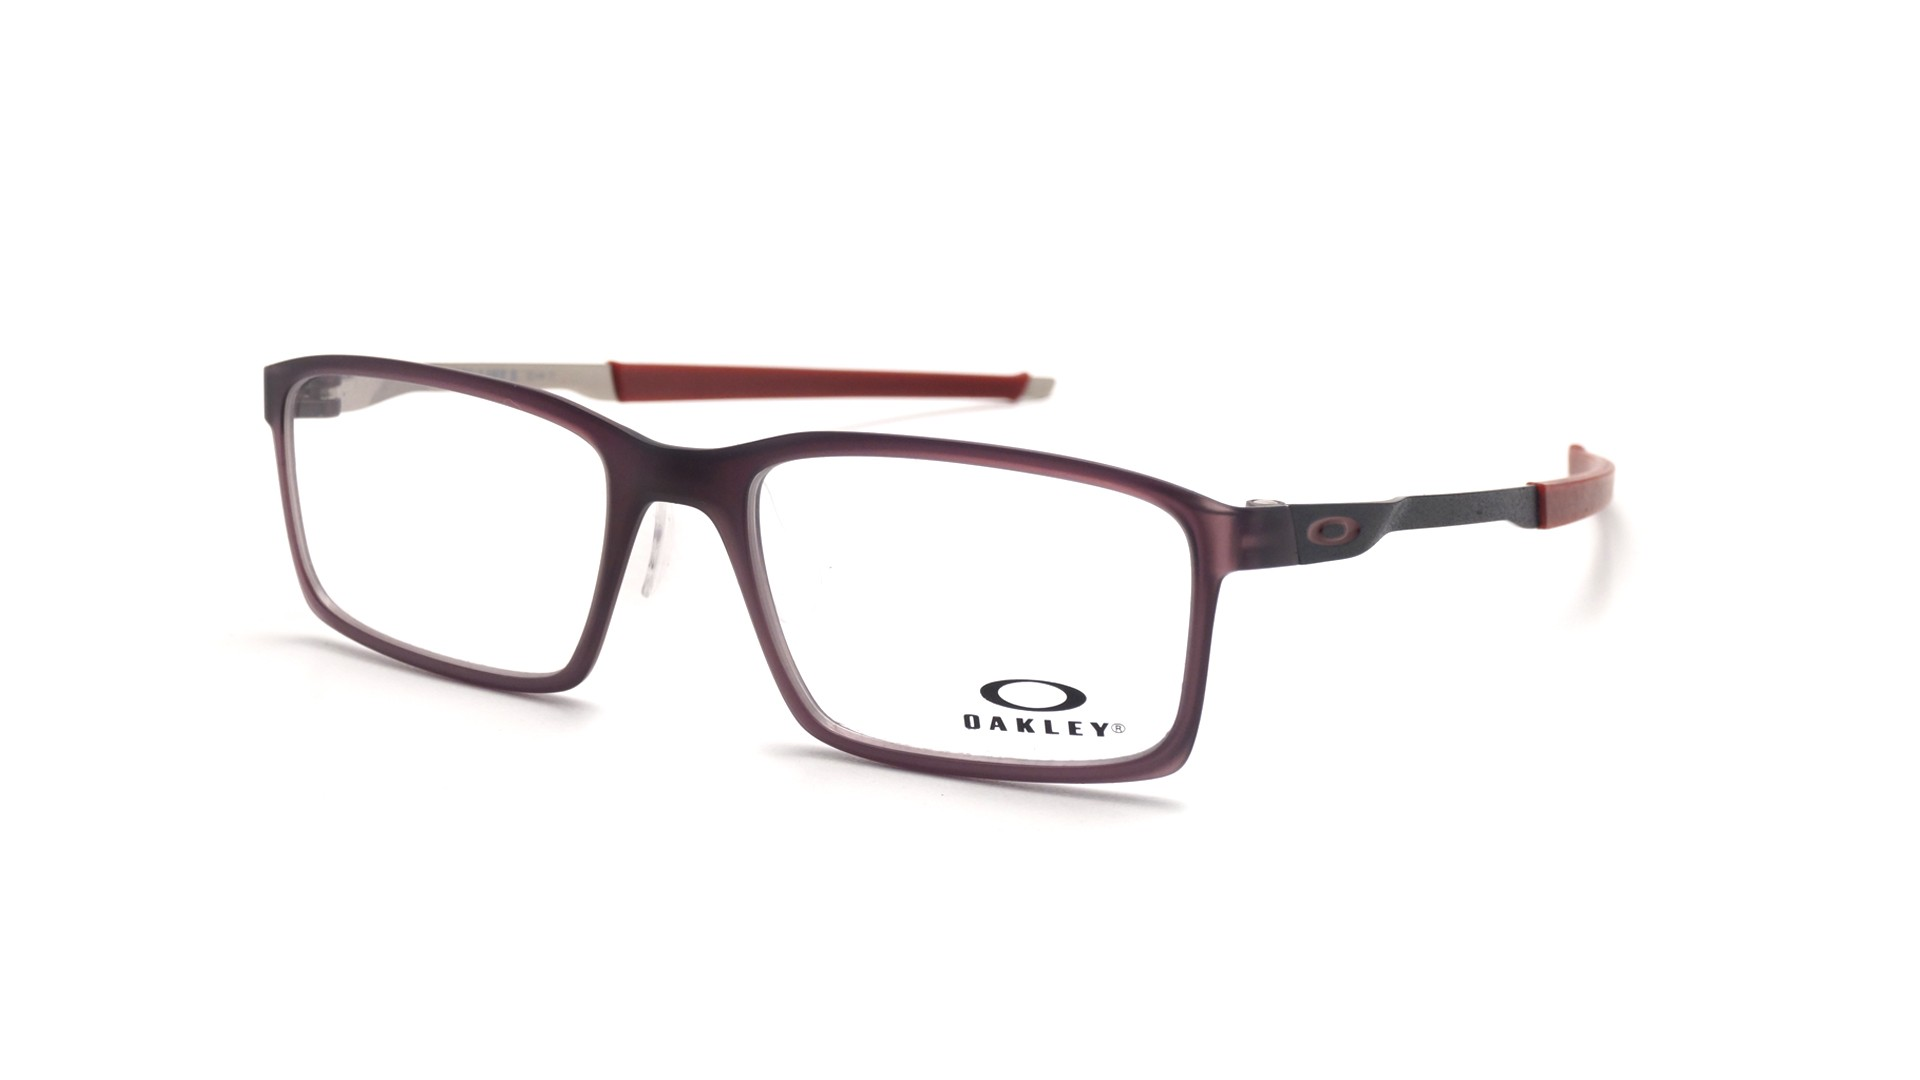 c4b6767a63685 Eyeglasses Oakley Steel line S Grey Matte OX8097 02 52-17 Medium